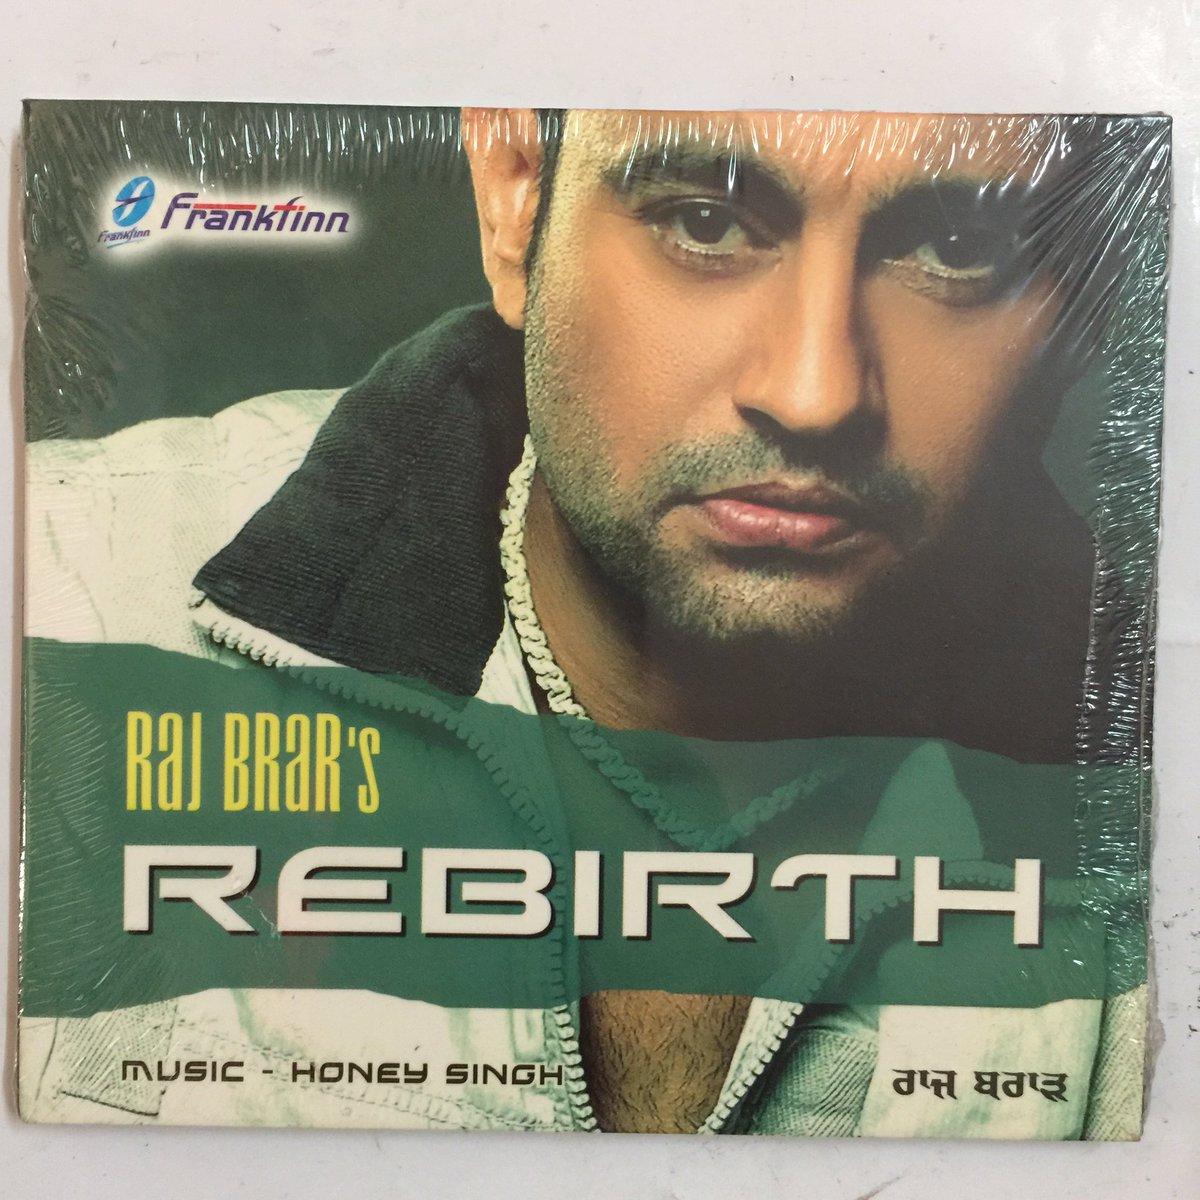 raj brar rebirth album